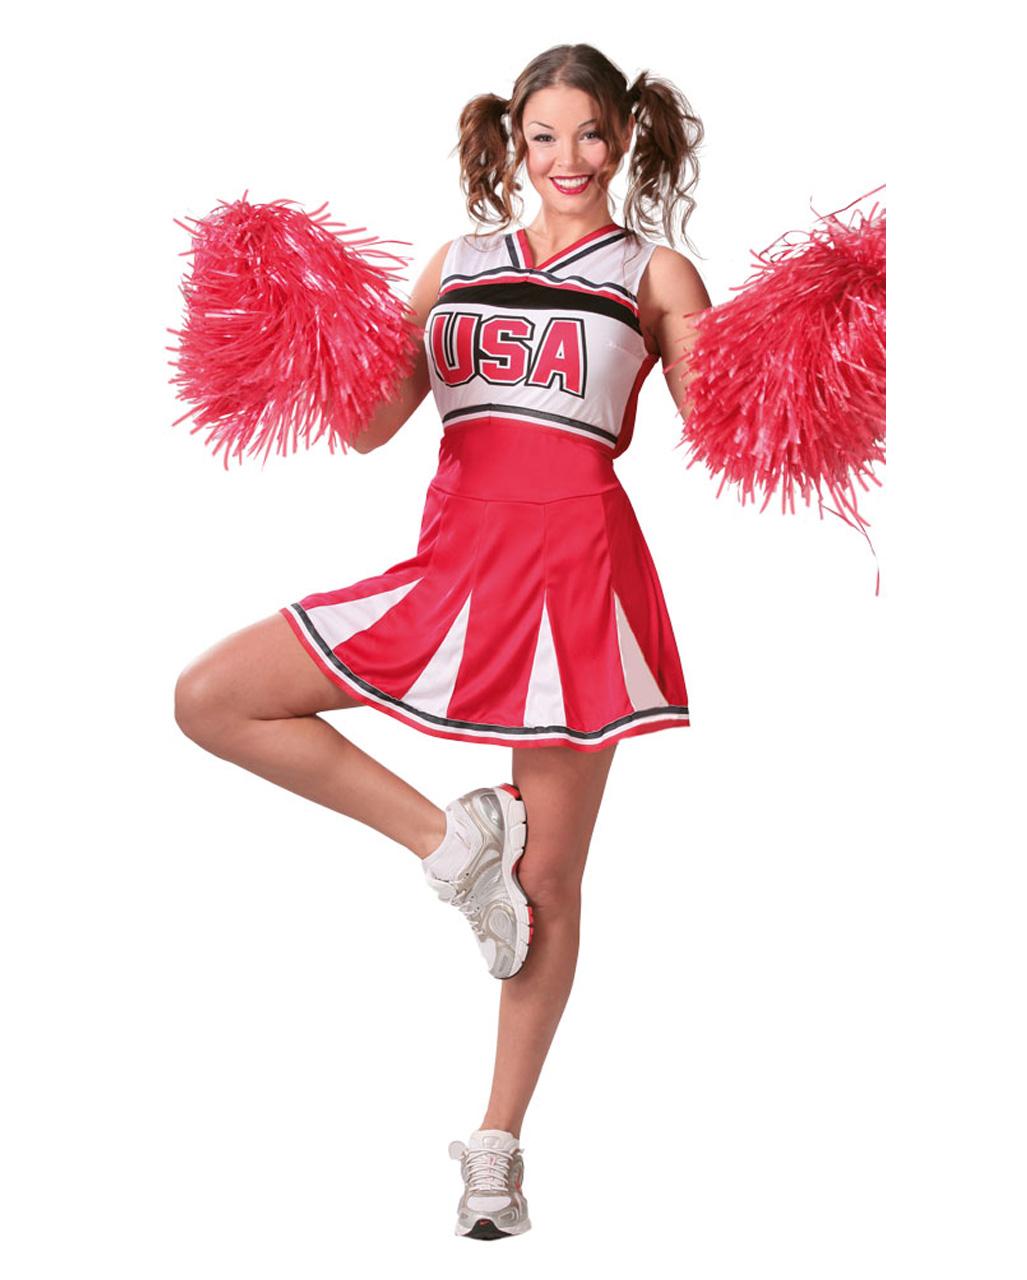 Sportliches Cheerleader Kostum Fur Fasching Karneval Universe